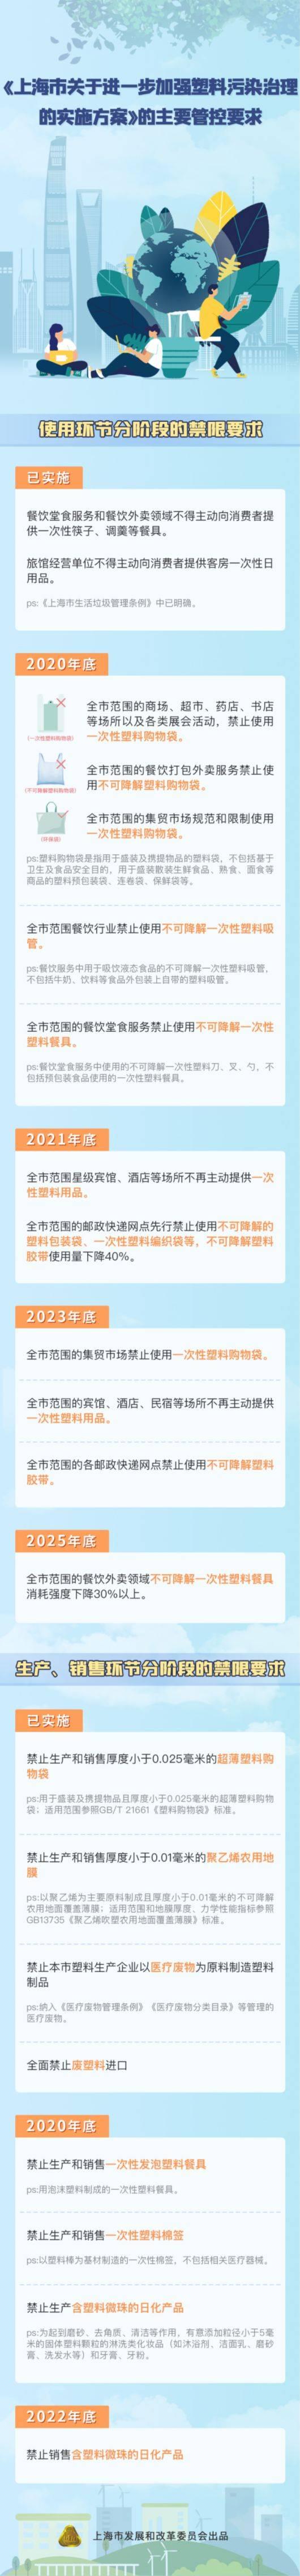 上海塑料污染治理再出新政,实施方案出炉!